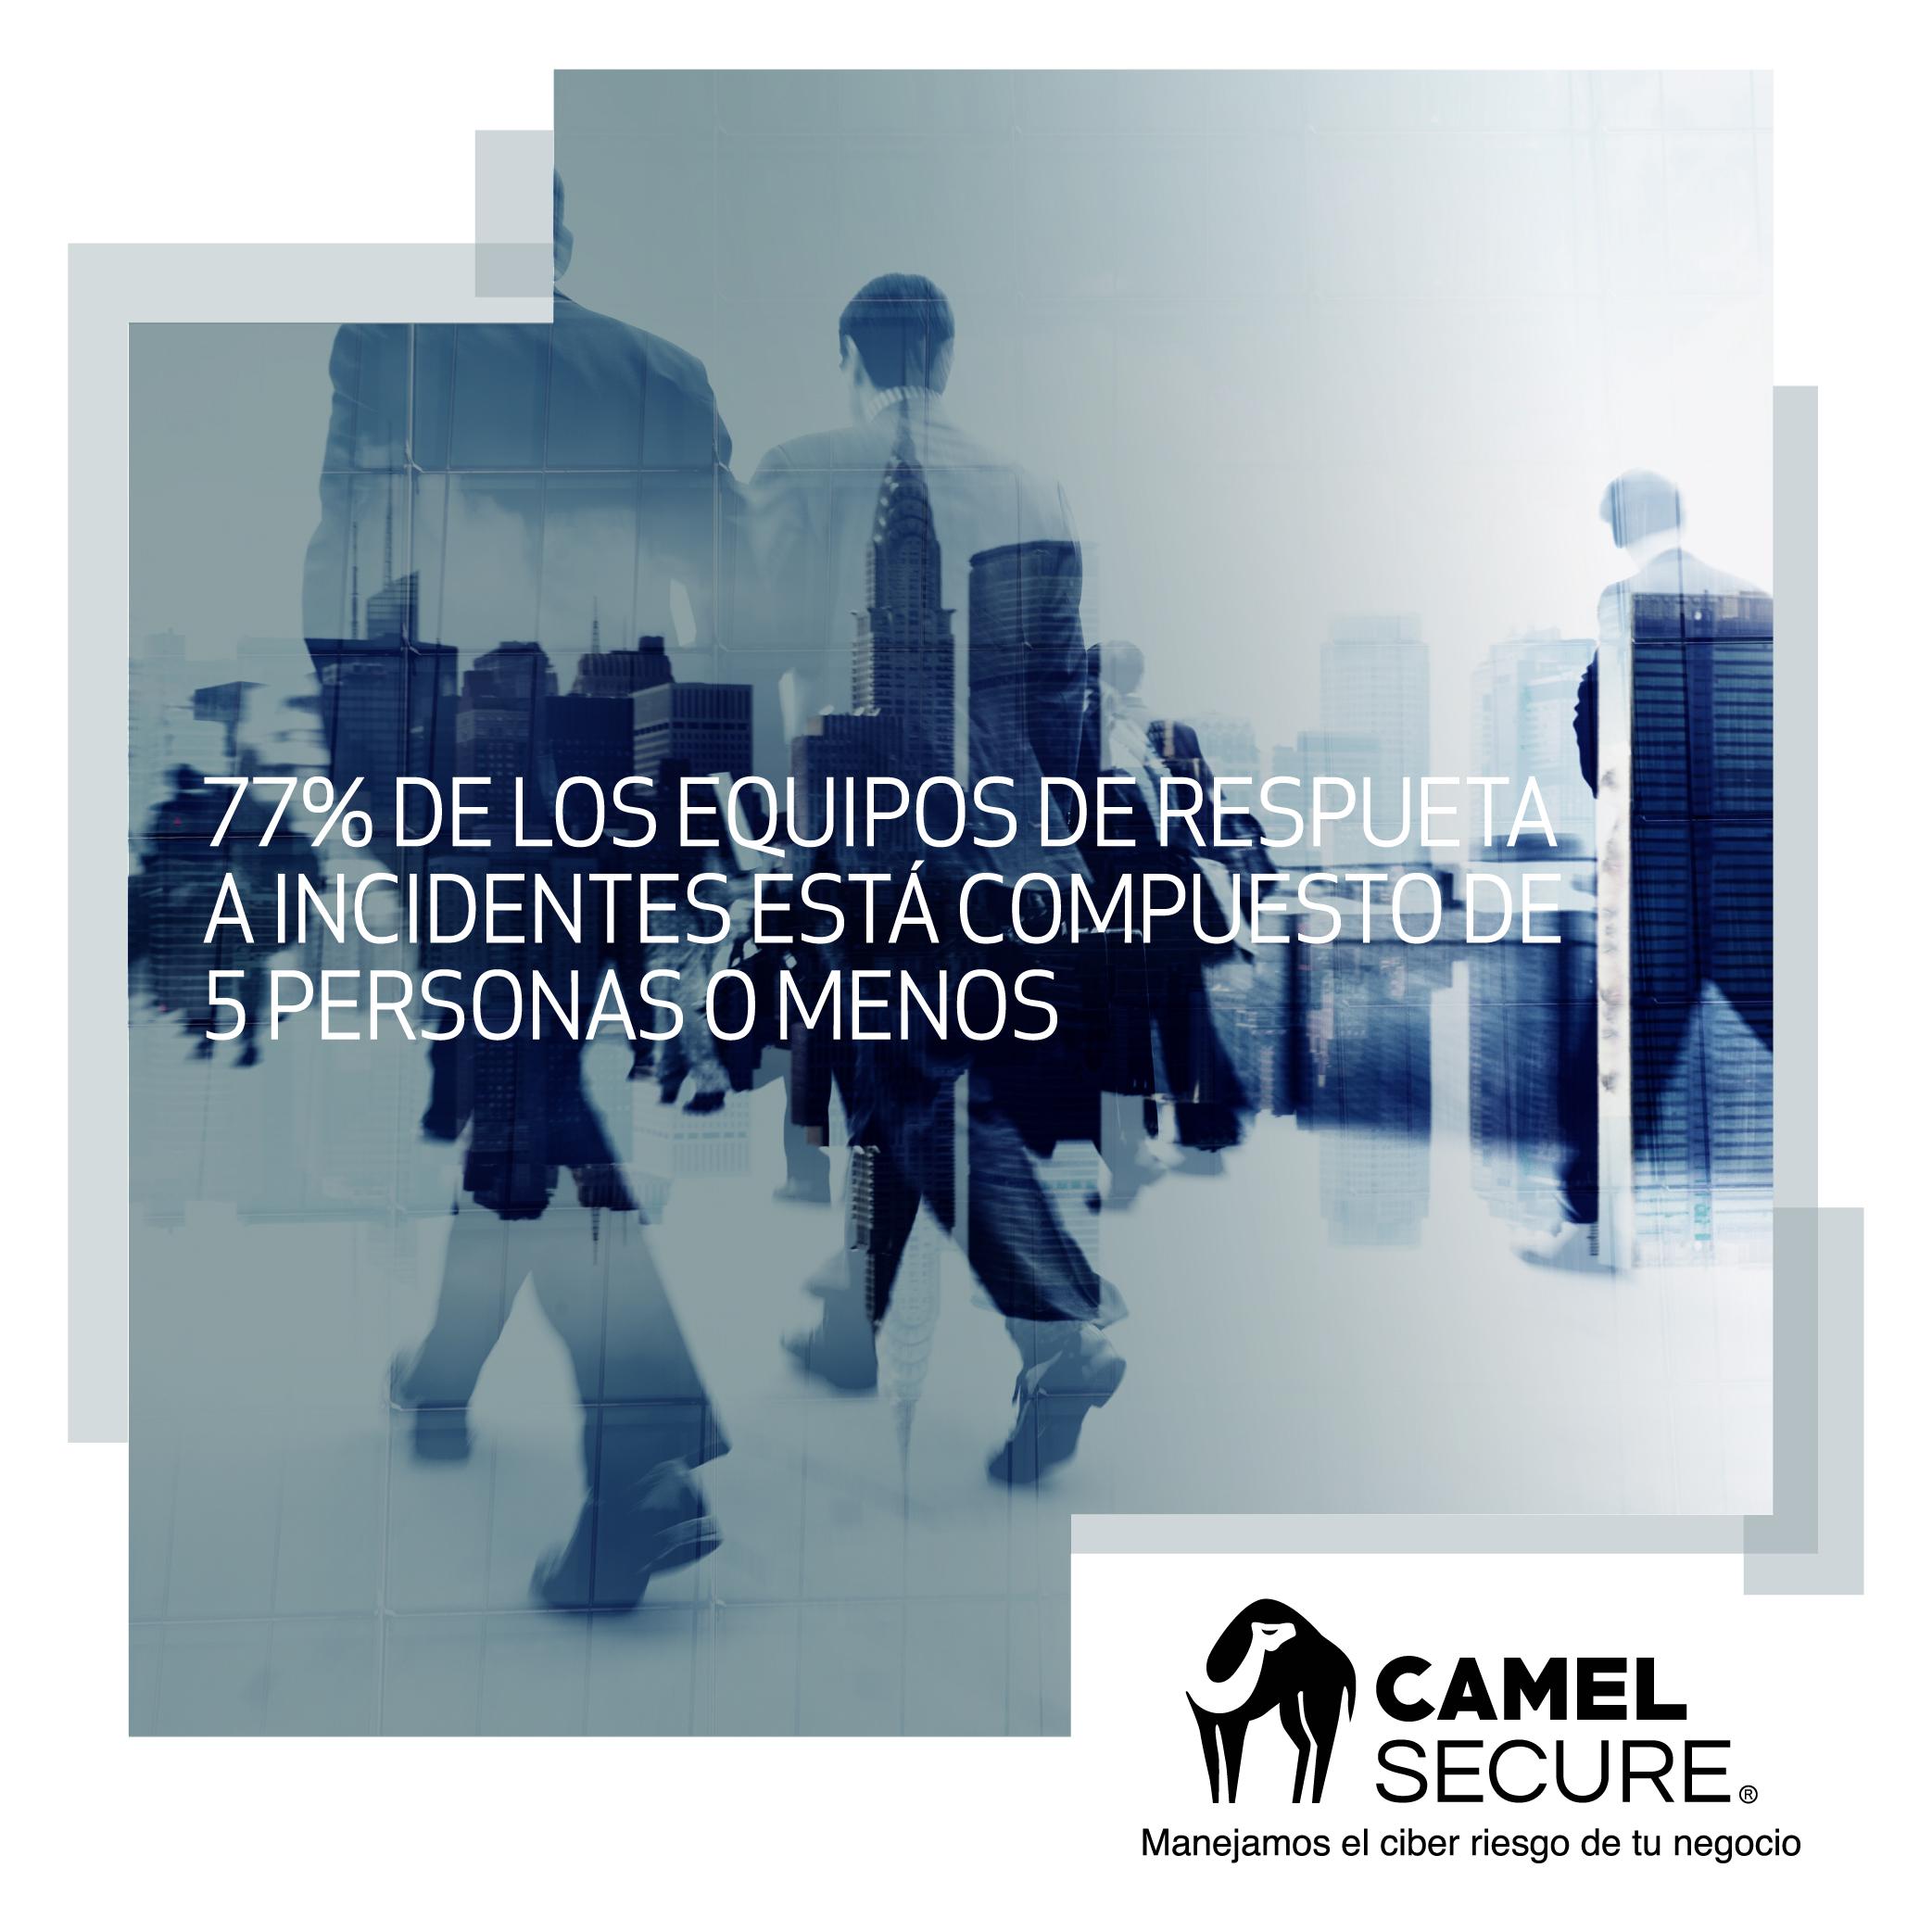 77% de equipos de respuesta a incidentes se compone de 5 personas